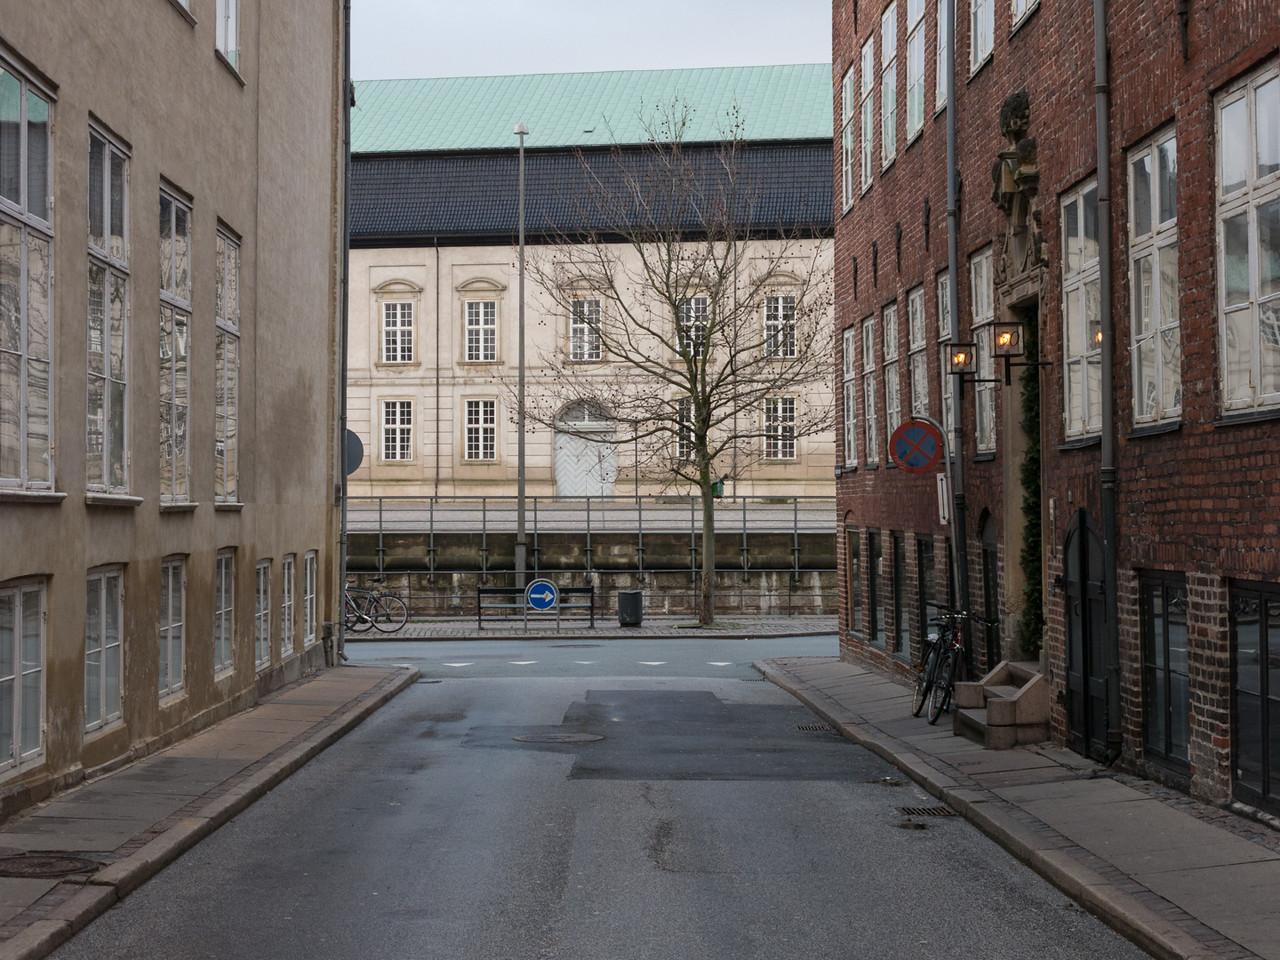 köbenhavn_2015-01-03_120301